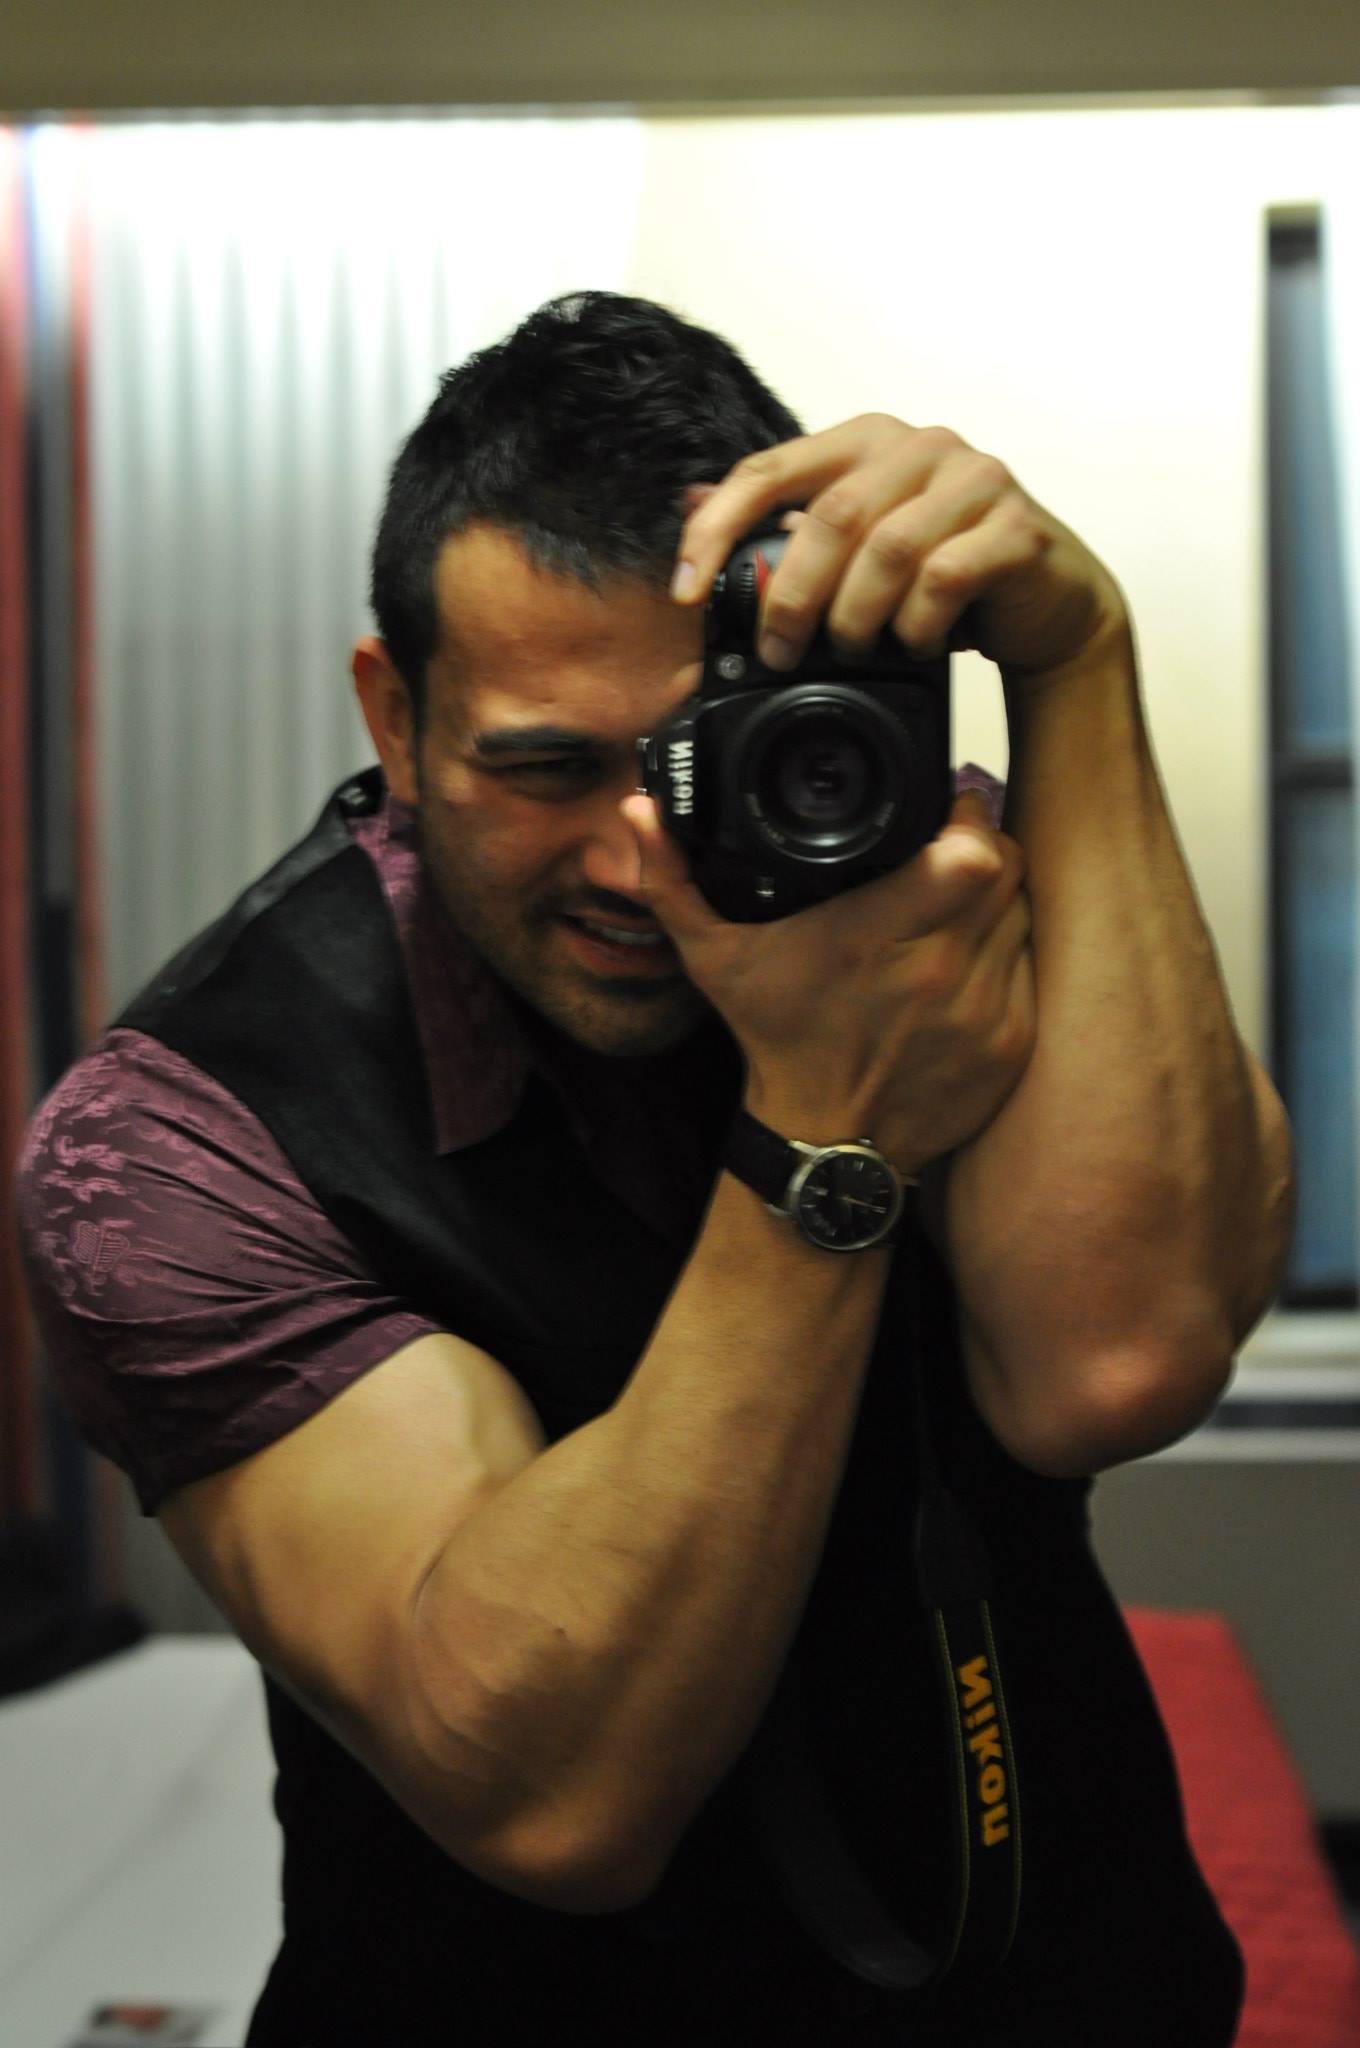 john ryan jjstudios philadelphia photographer.jpg